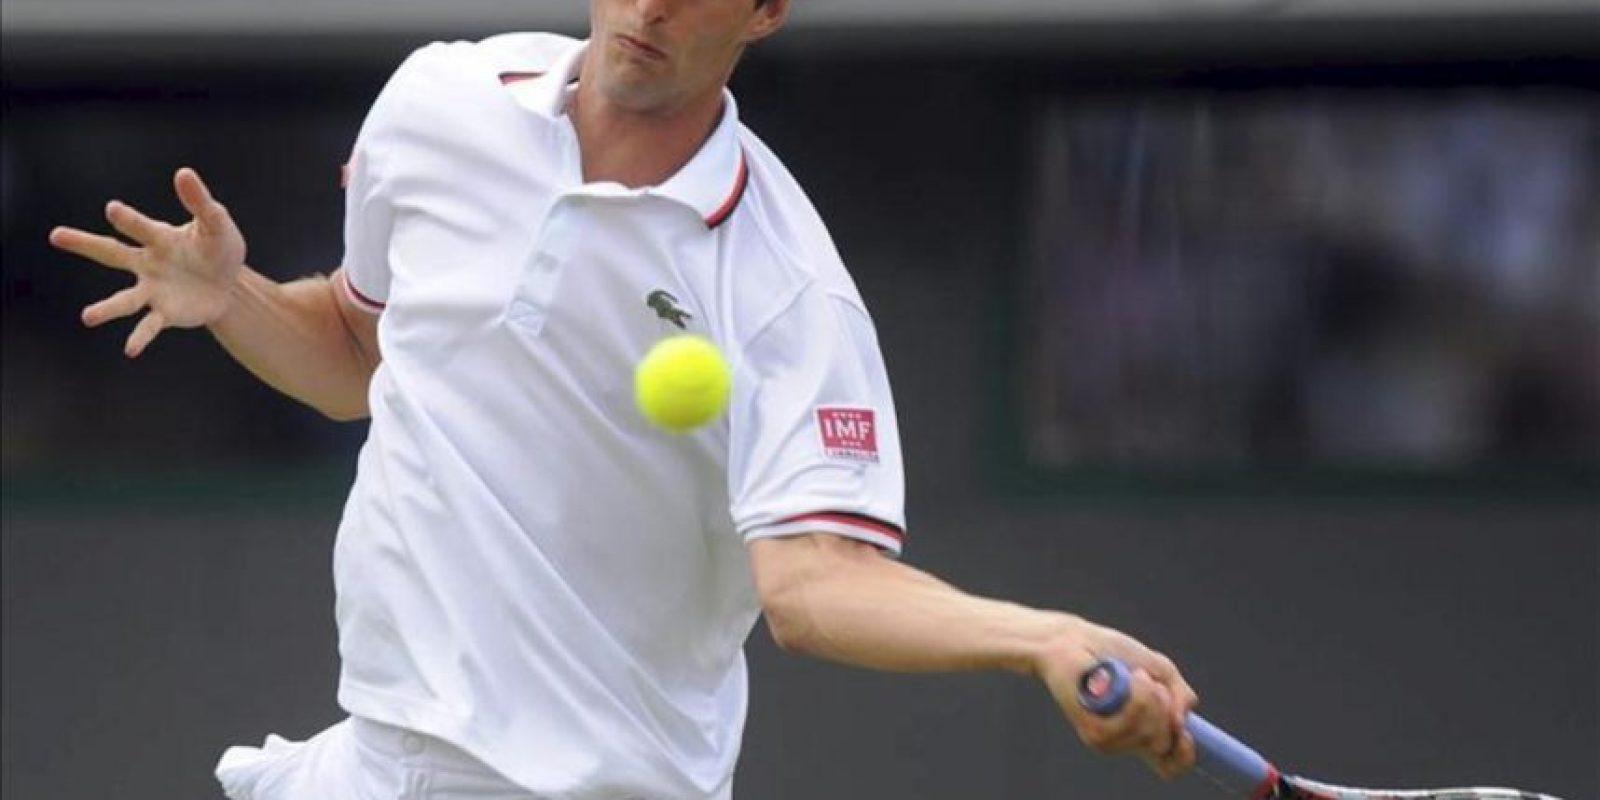 El tenista español Albert Ramos devuelve la pelota al suizo Roger Federer durante su partido de primera ronda del torneo de Wimbledon. EFE